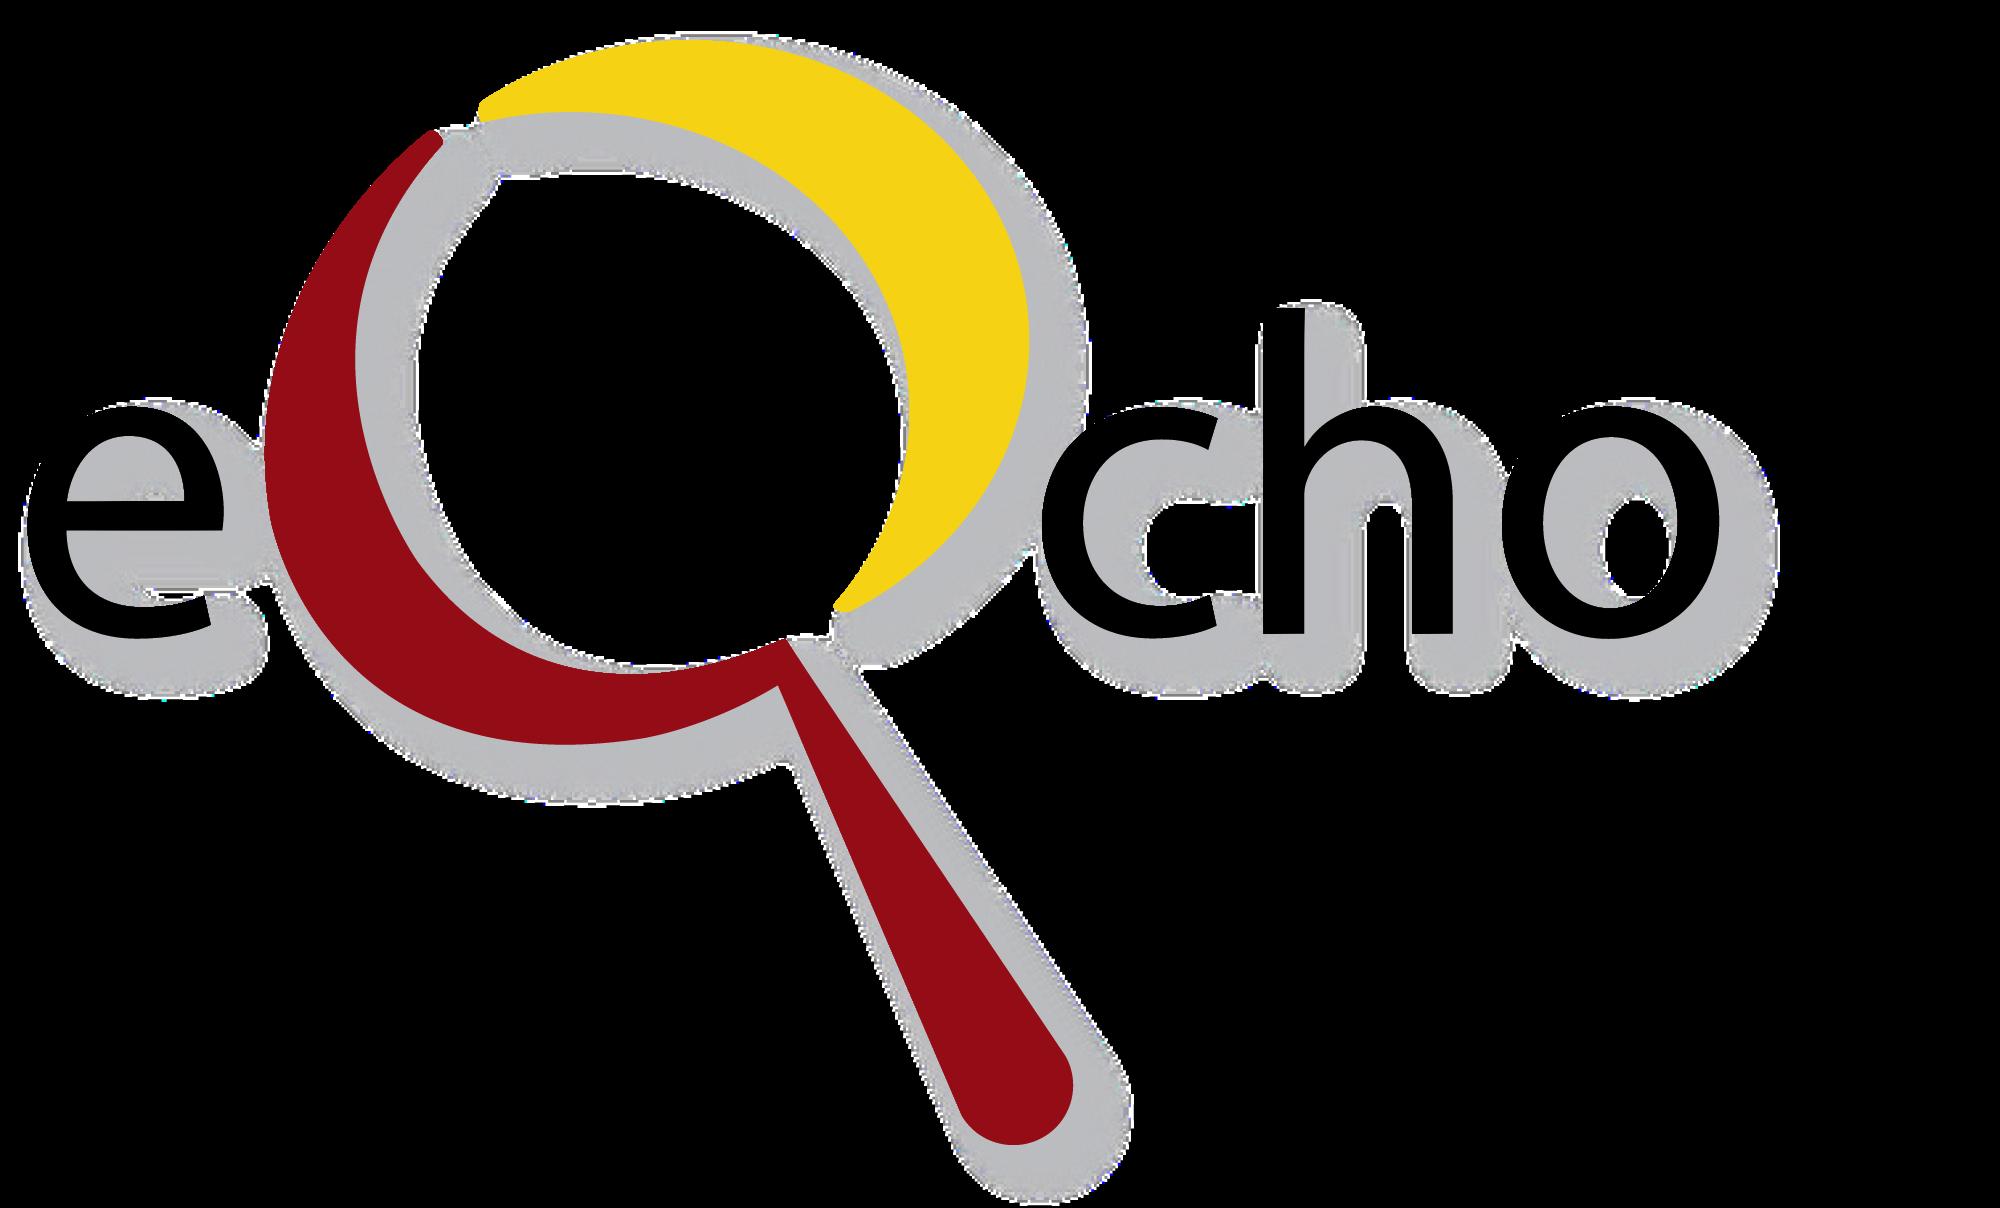 contact eqcho